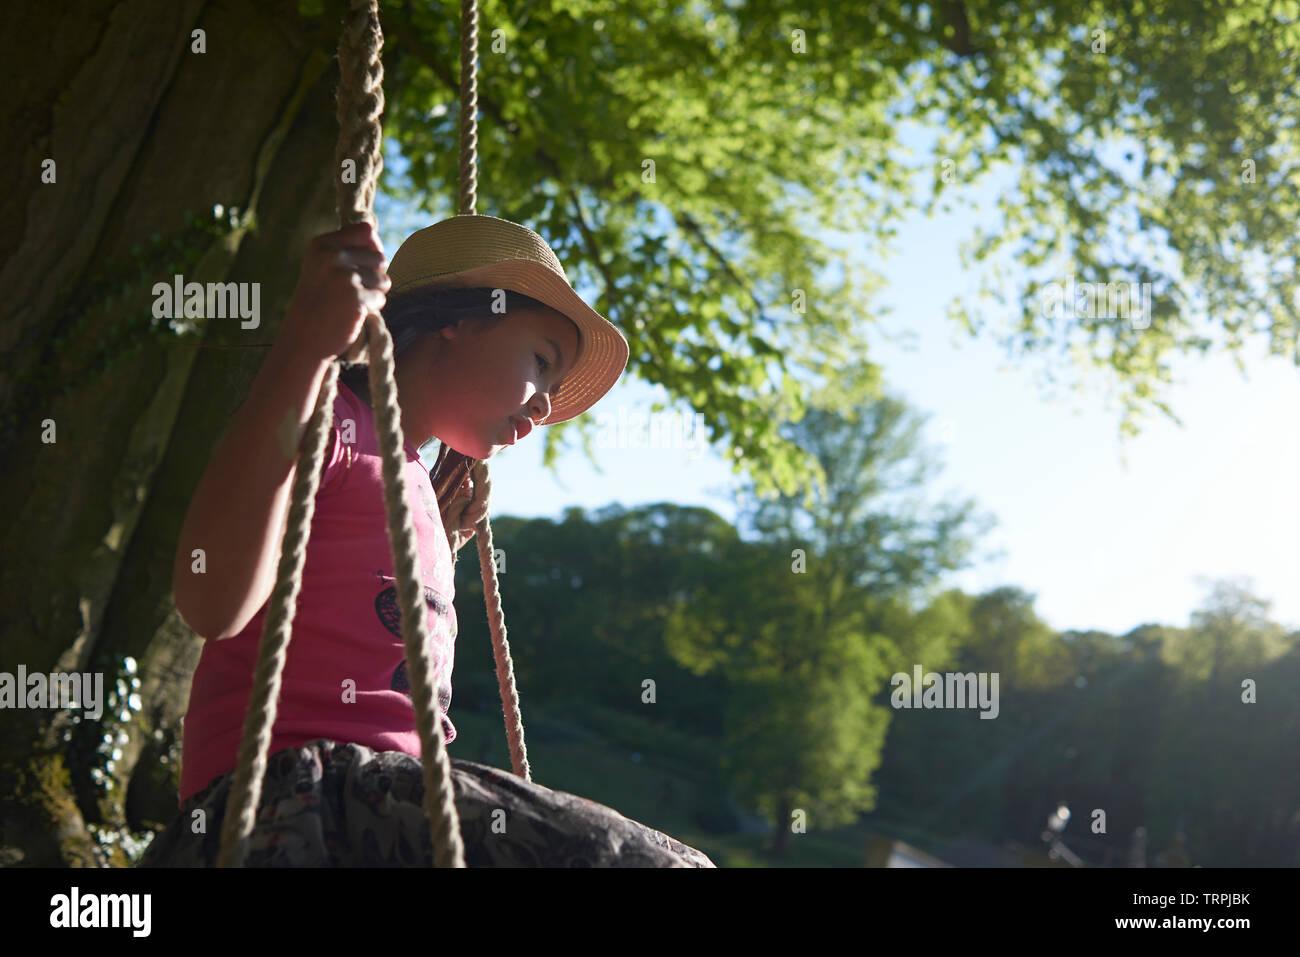 Mère de l'Asie et sa jeune fille s'amusant à jouer sur une balançoire accrochée à un gros arbre en face d'un château en plein soleil d'été Banque D'Images